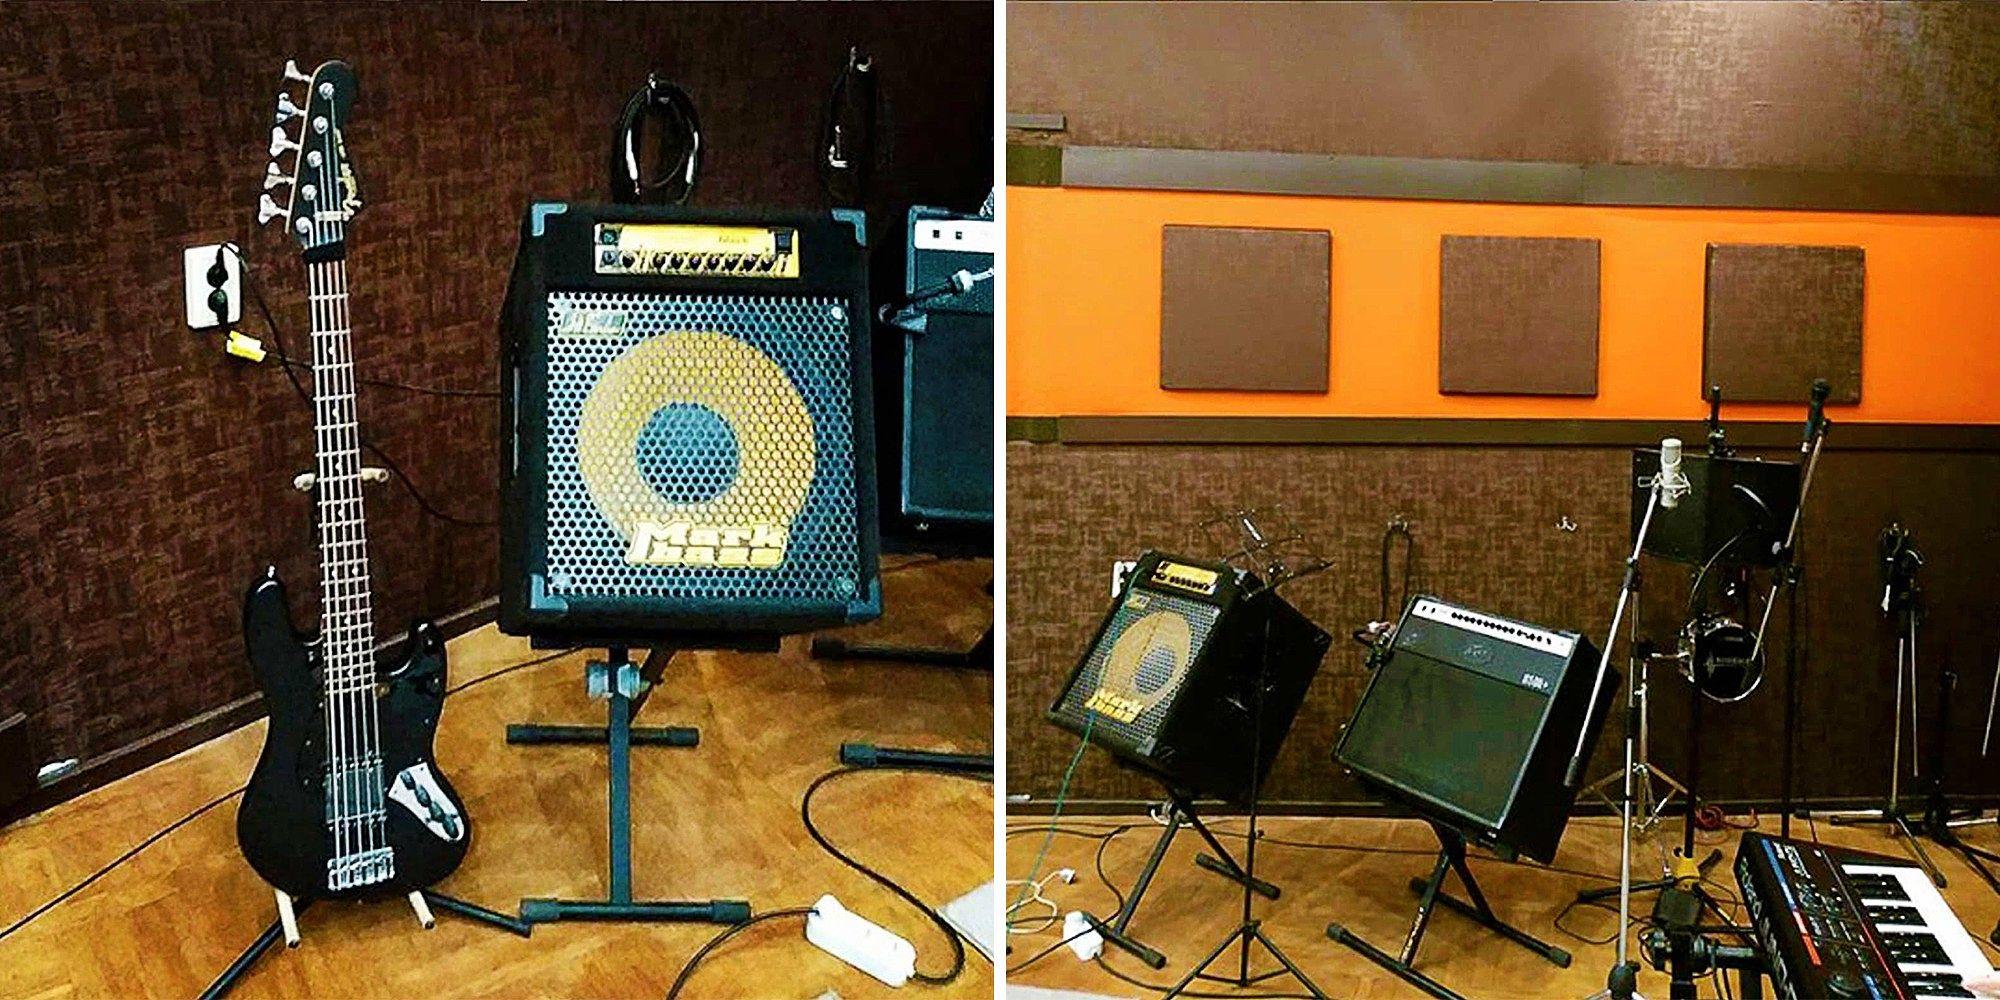 Репетиционная точка KOZMIN'S STUDIO. Фото: VK